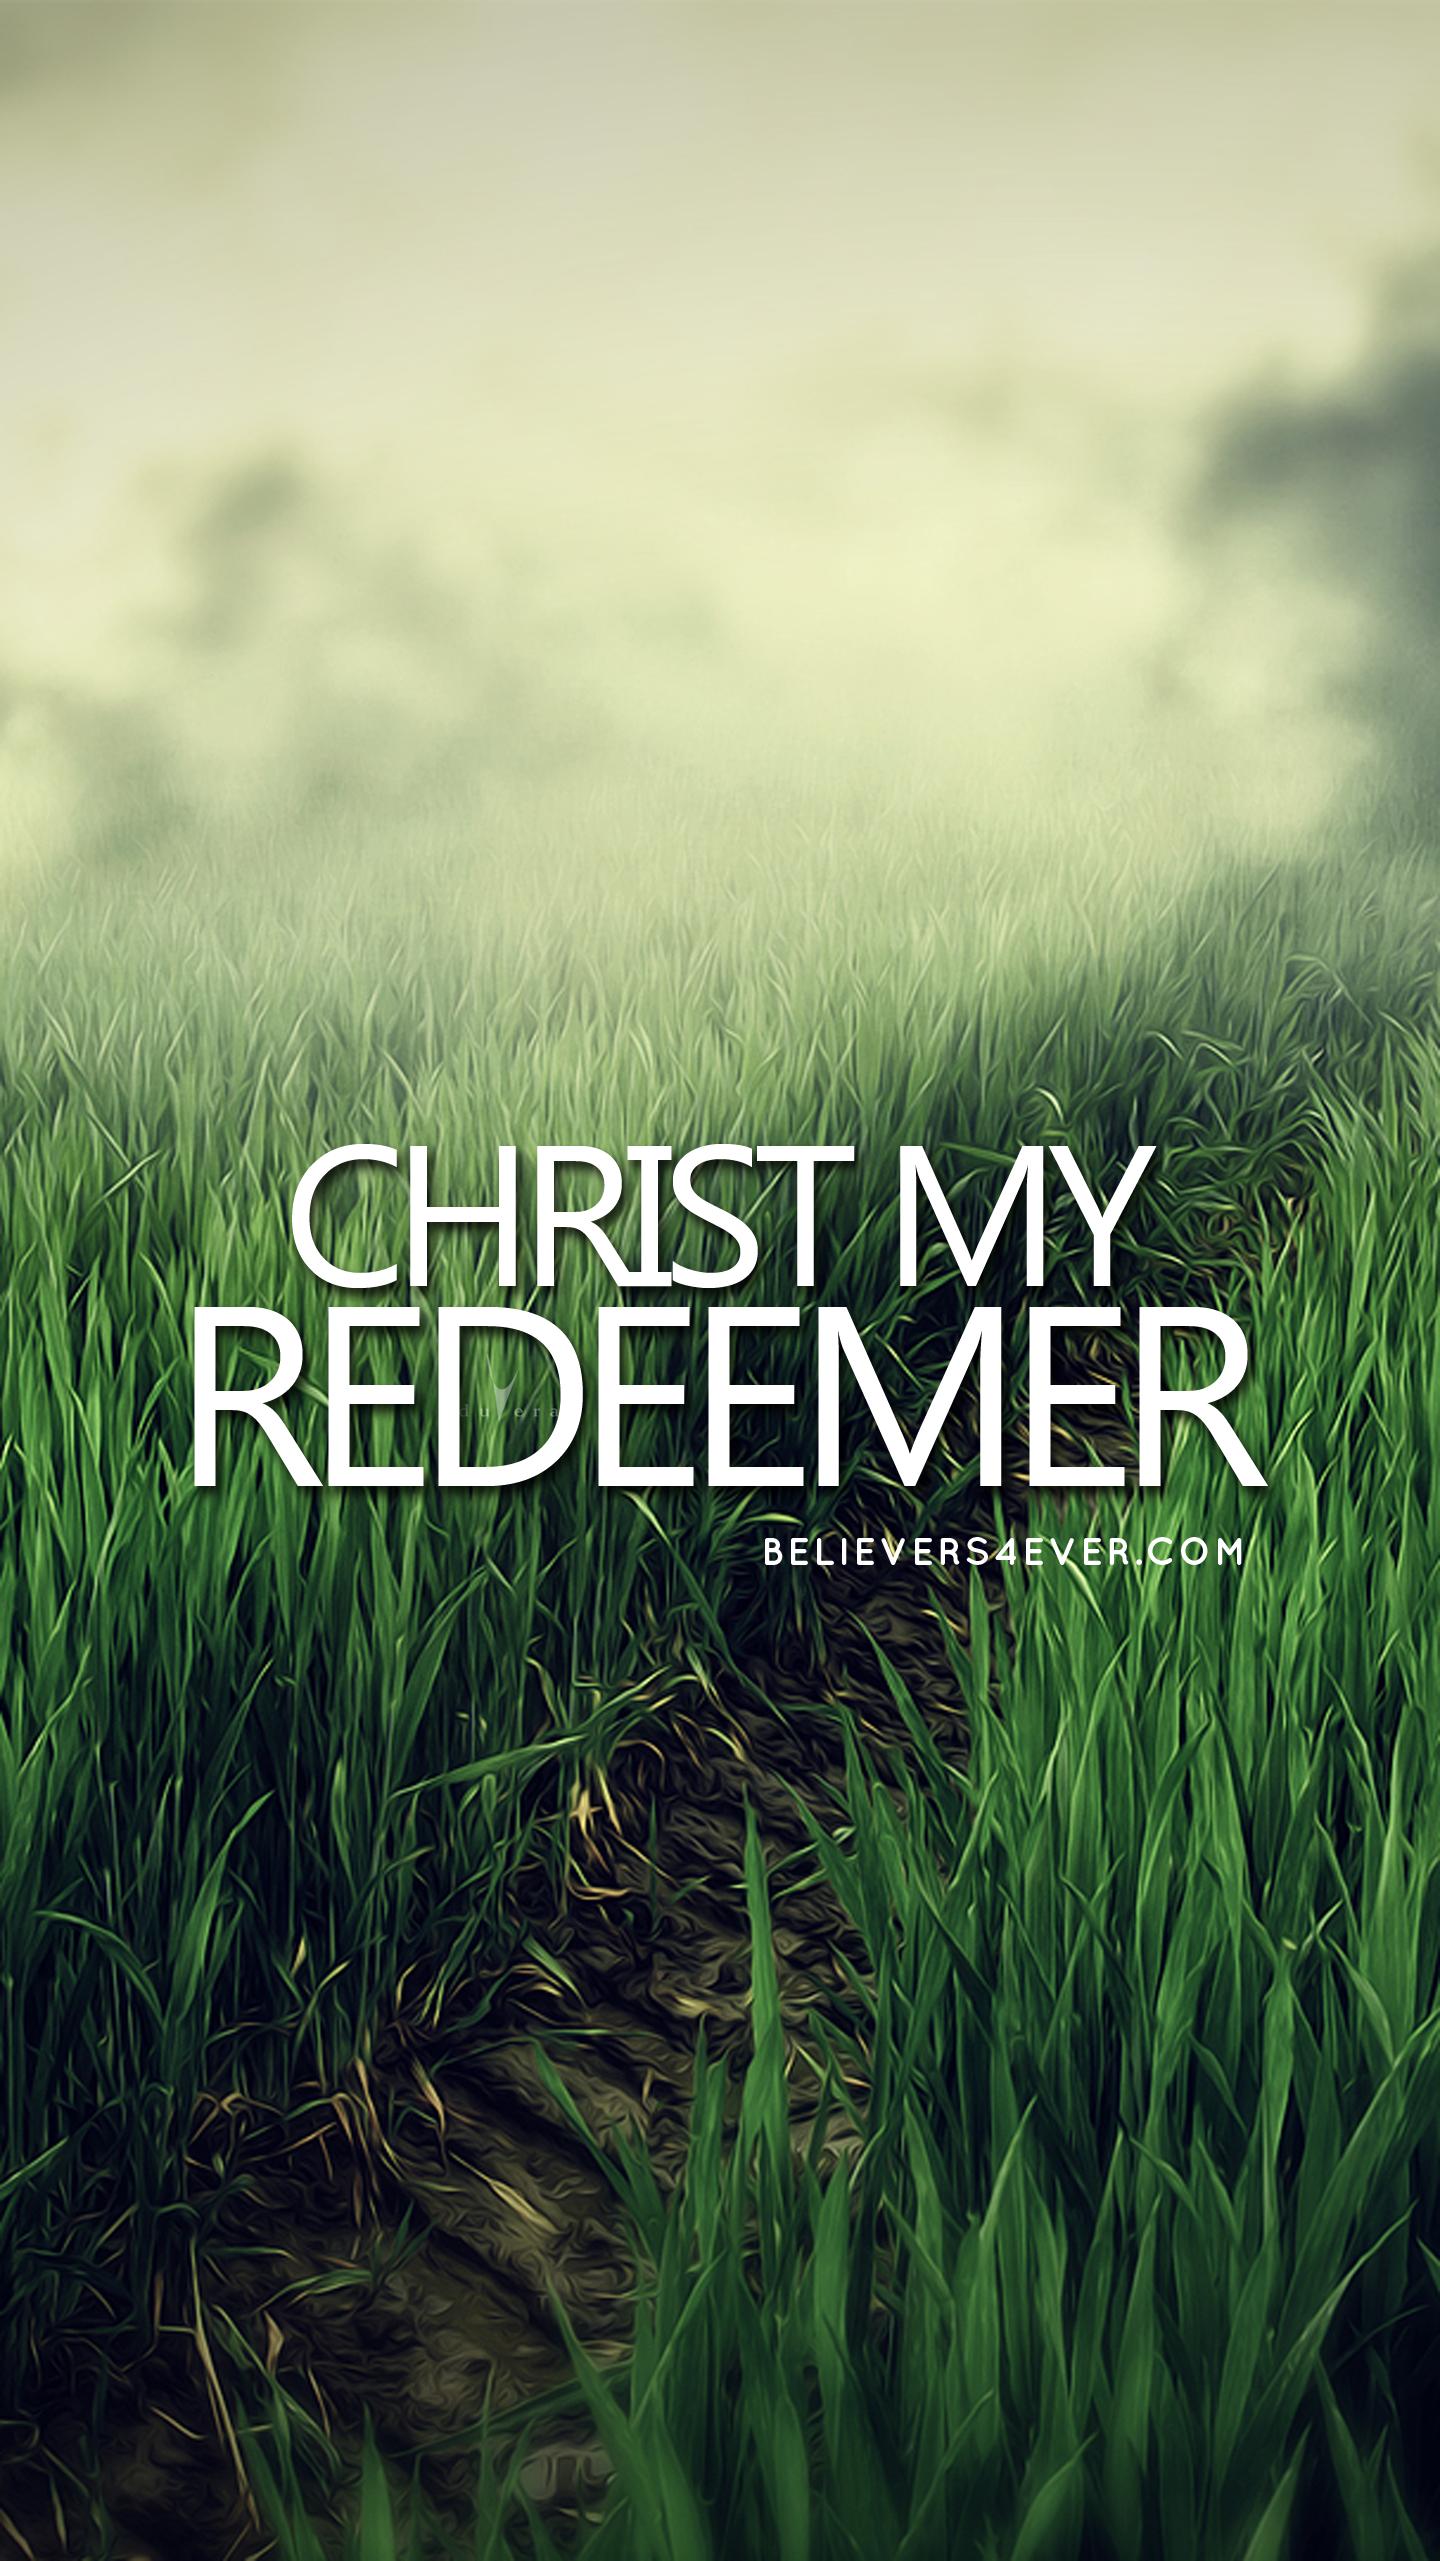 Christ my redeemer Christian wallpaper, Bible verse